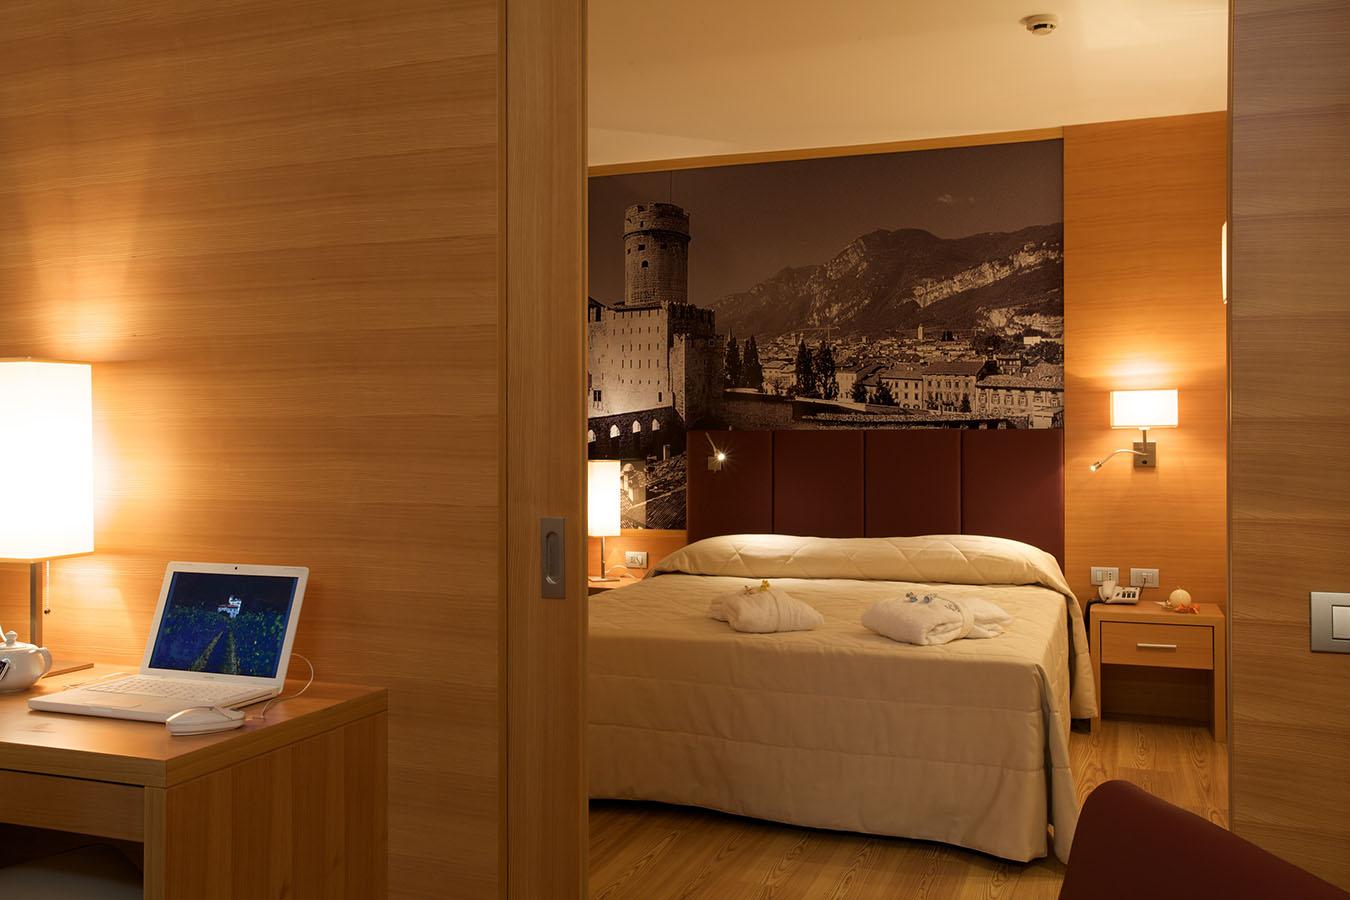 Ufficio Nuovo Hotel : Nuovo hotel con 5 sale meeting in trentino per best western italia